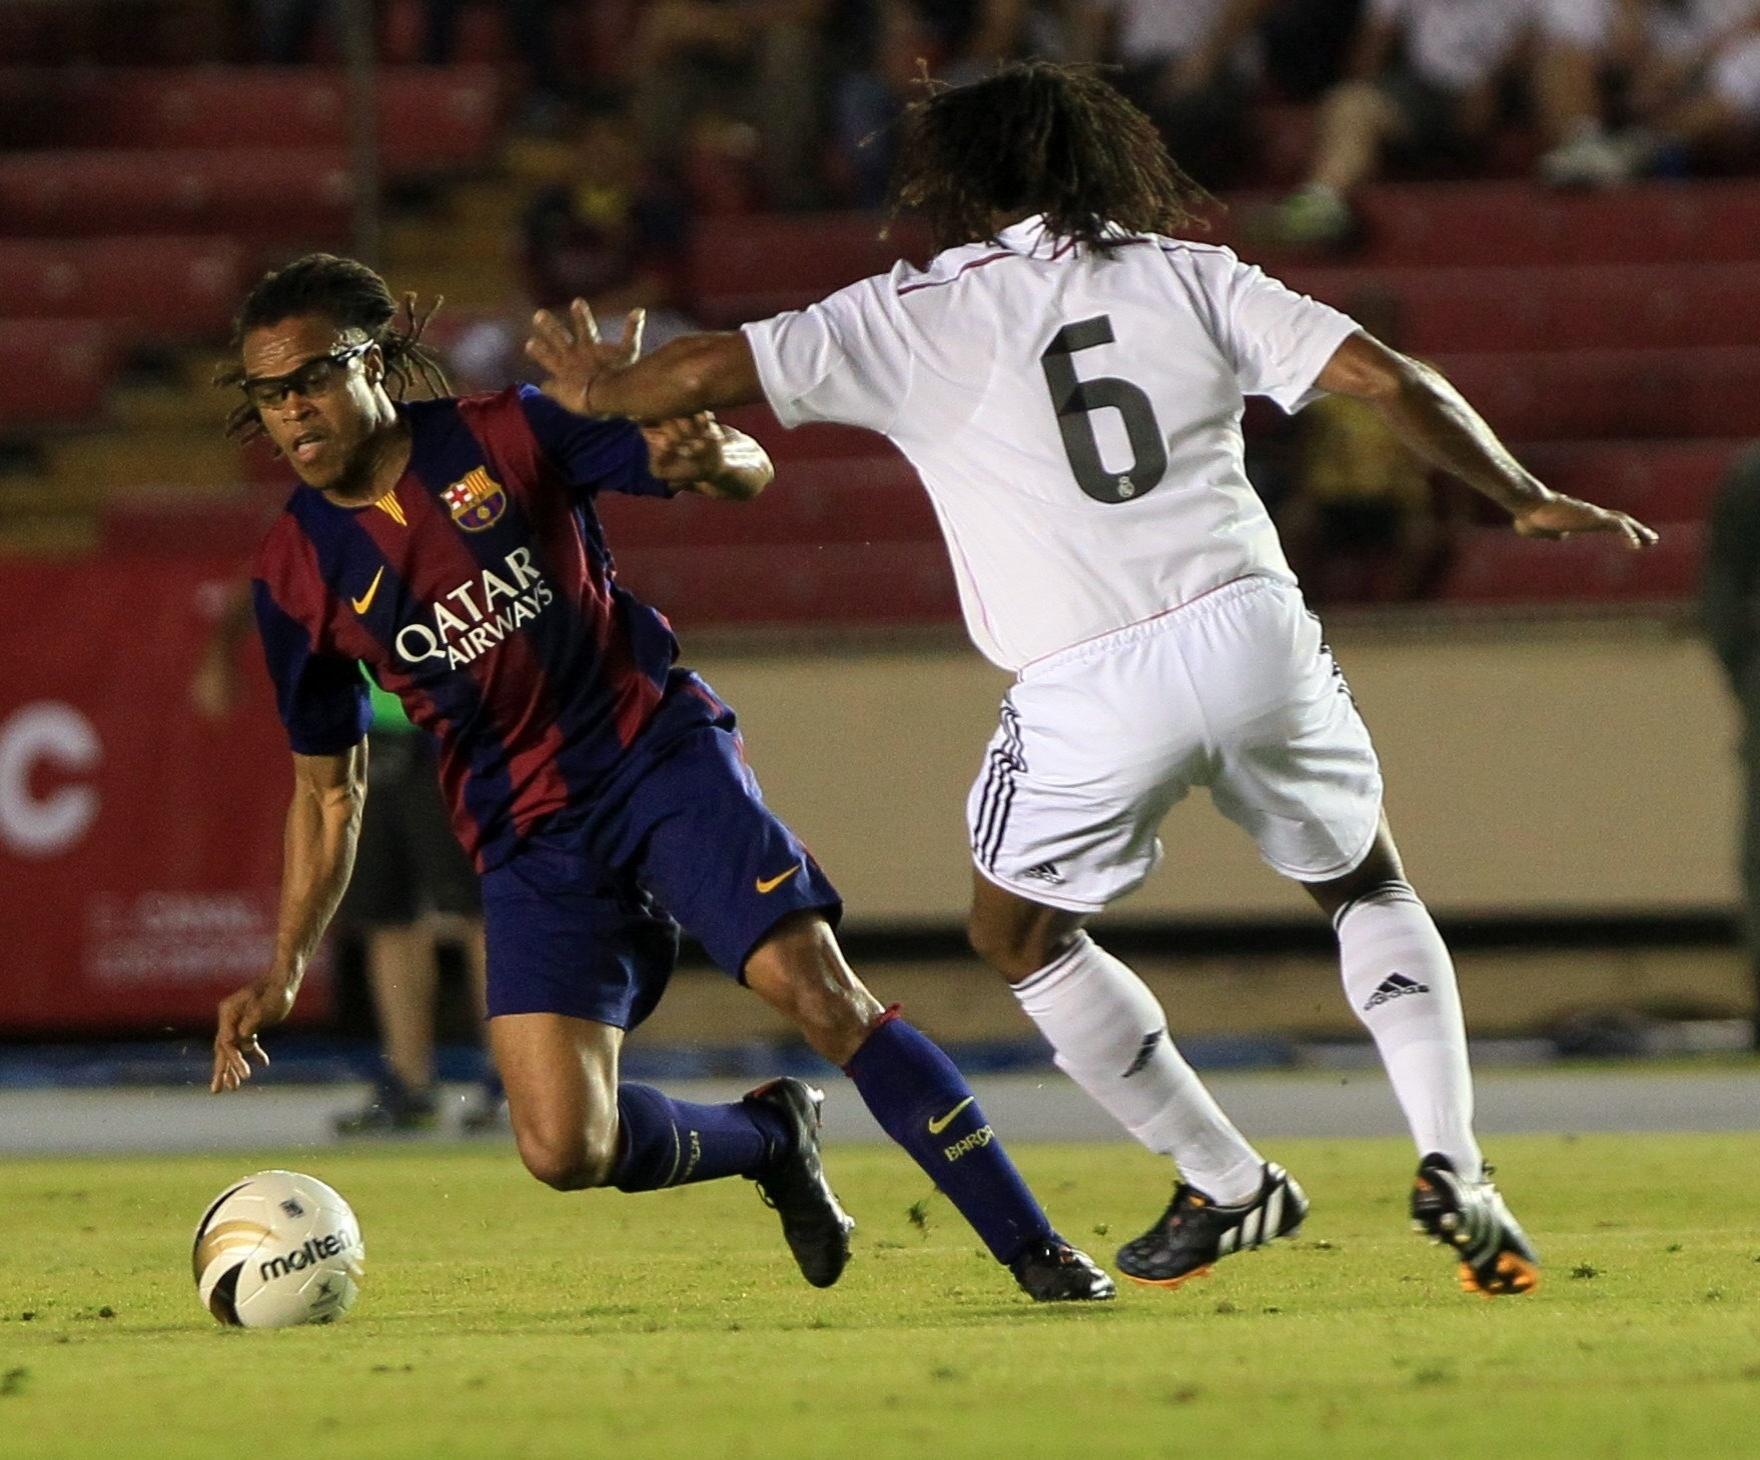 Edgar Davids, ex-volante do Barcelona, disputa a bola com Christian Karembeu, volante ex-Real Madrid, durante uma partida de veteranos no Panamá